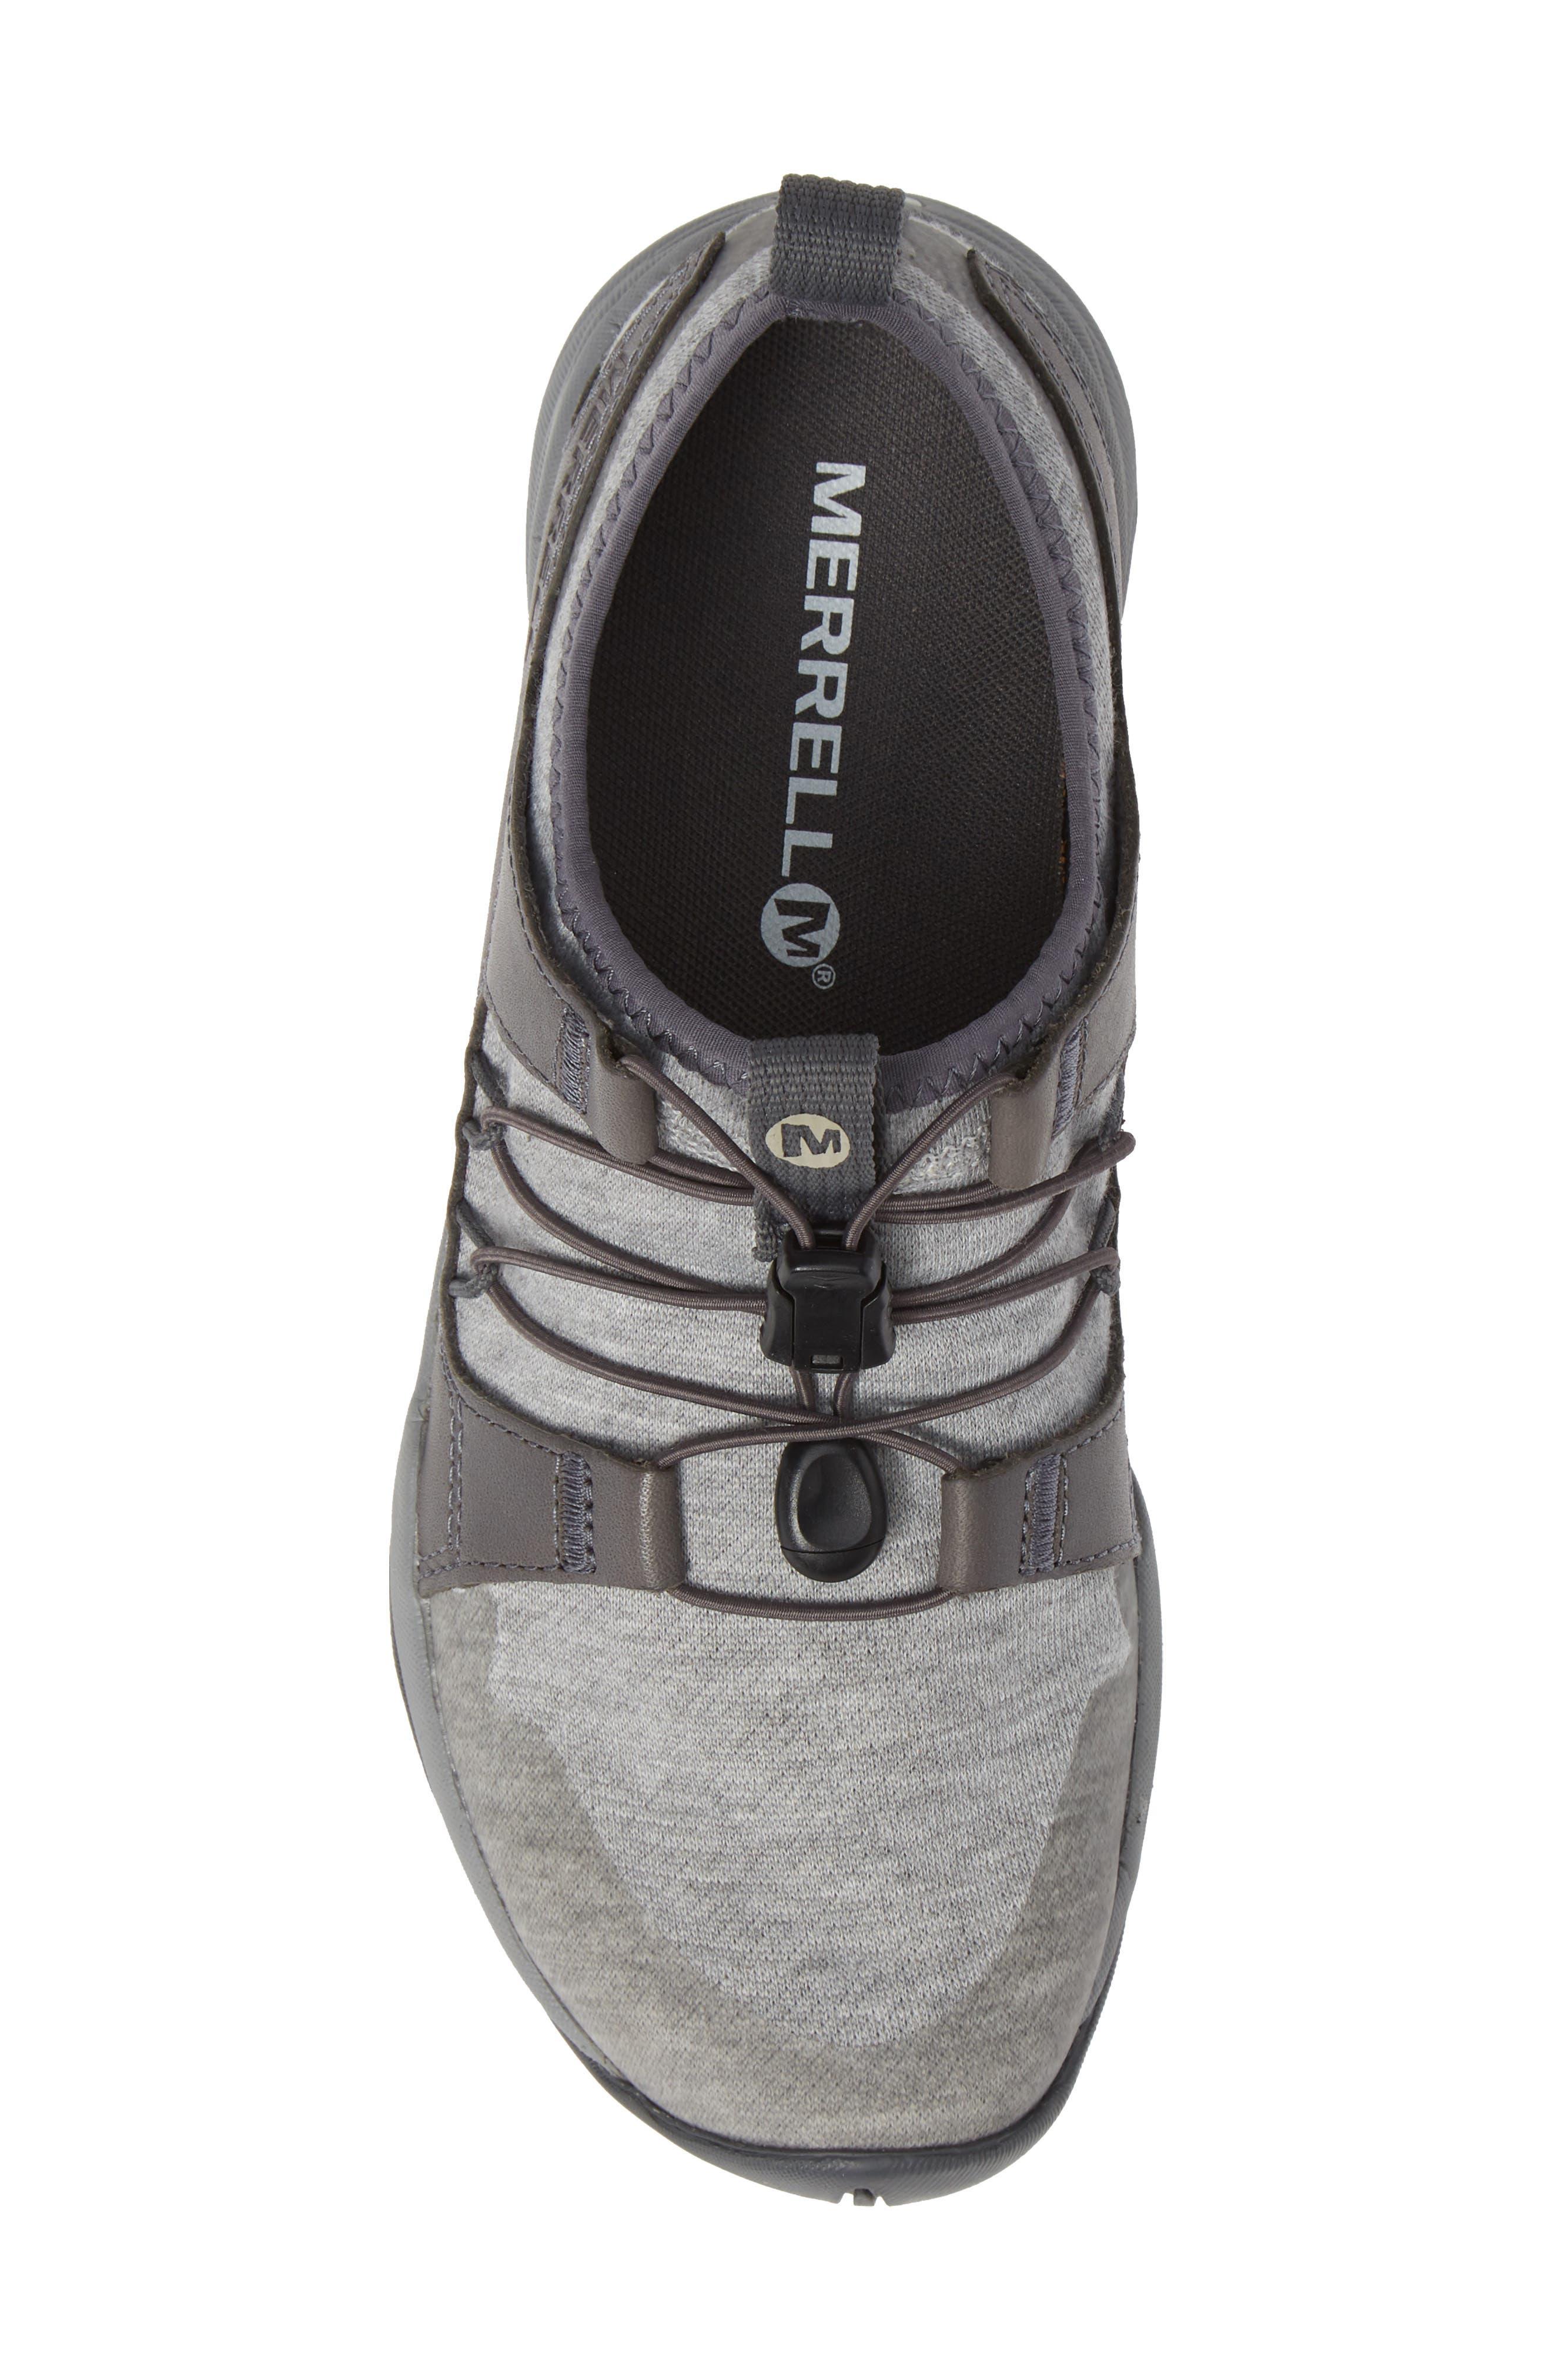 MERRELL, Siren Guided Knit Q2 Sneaker, Alternate thumbnail 5, color, 050